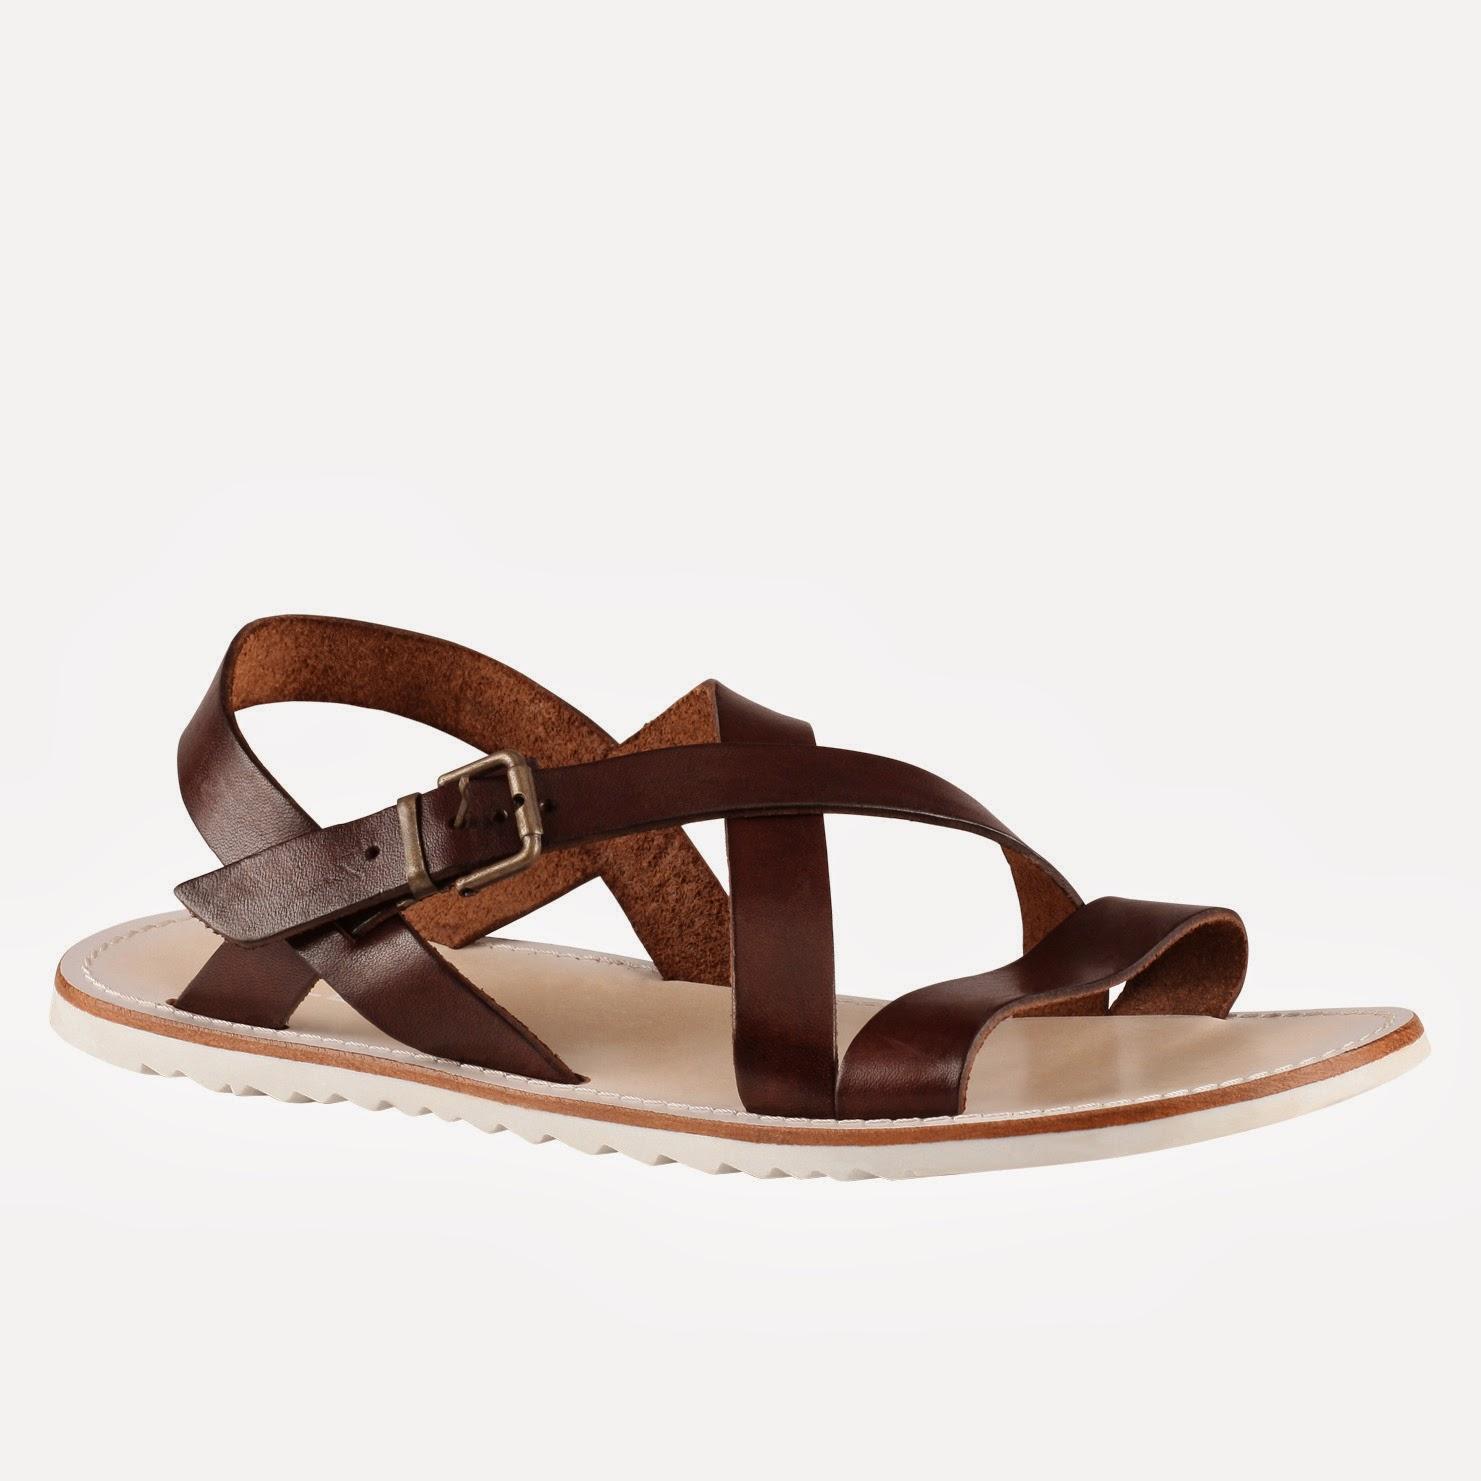 leather sandals for men aldo leather sandals for men. Black Bedroom Furniture Sets. Home Design Ideas